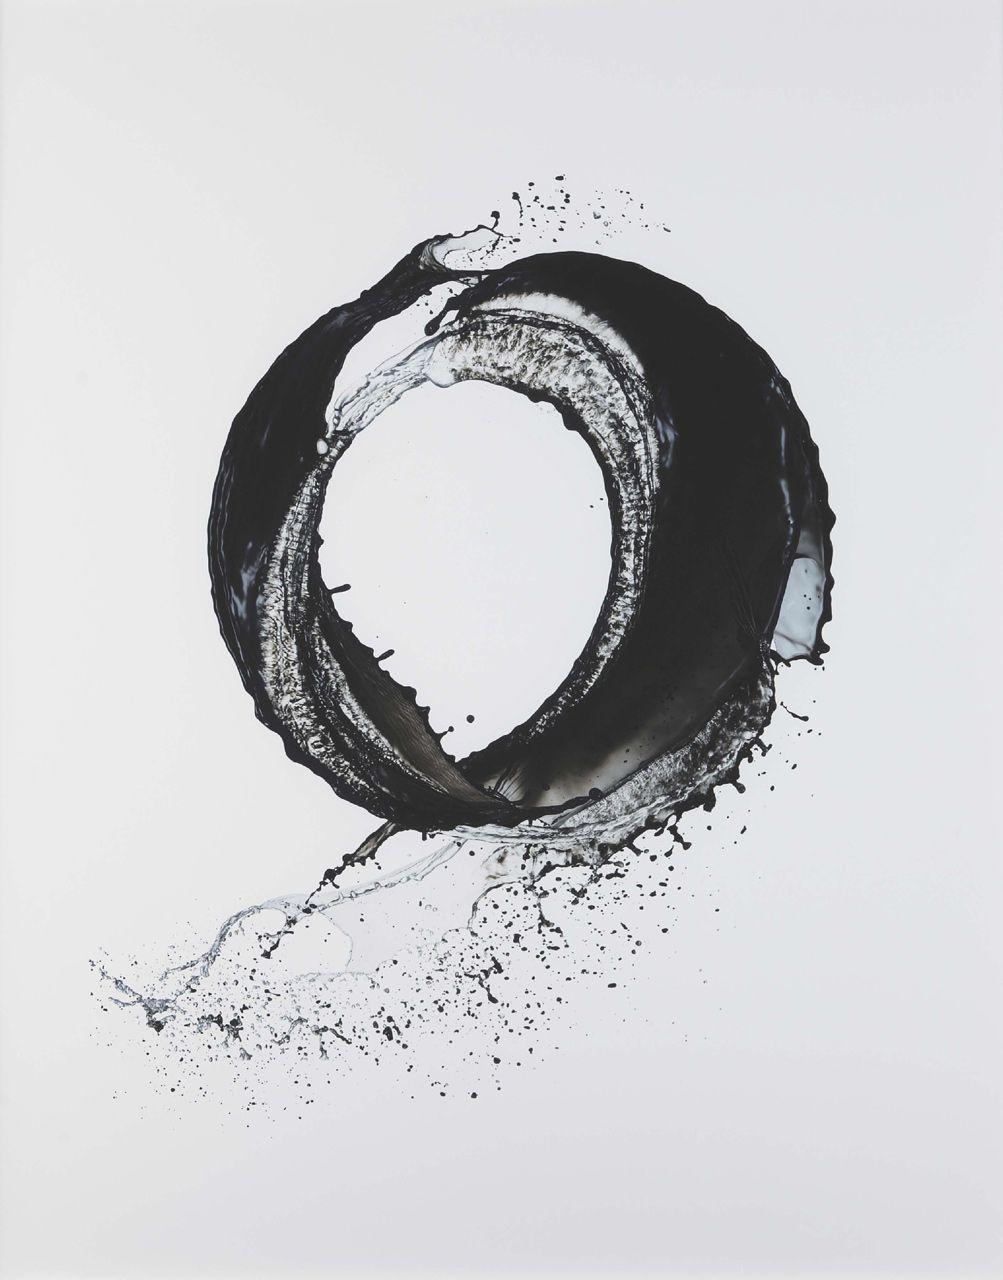 Kusho by shinichi maruyama m o o d b o a r d